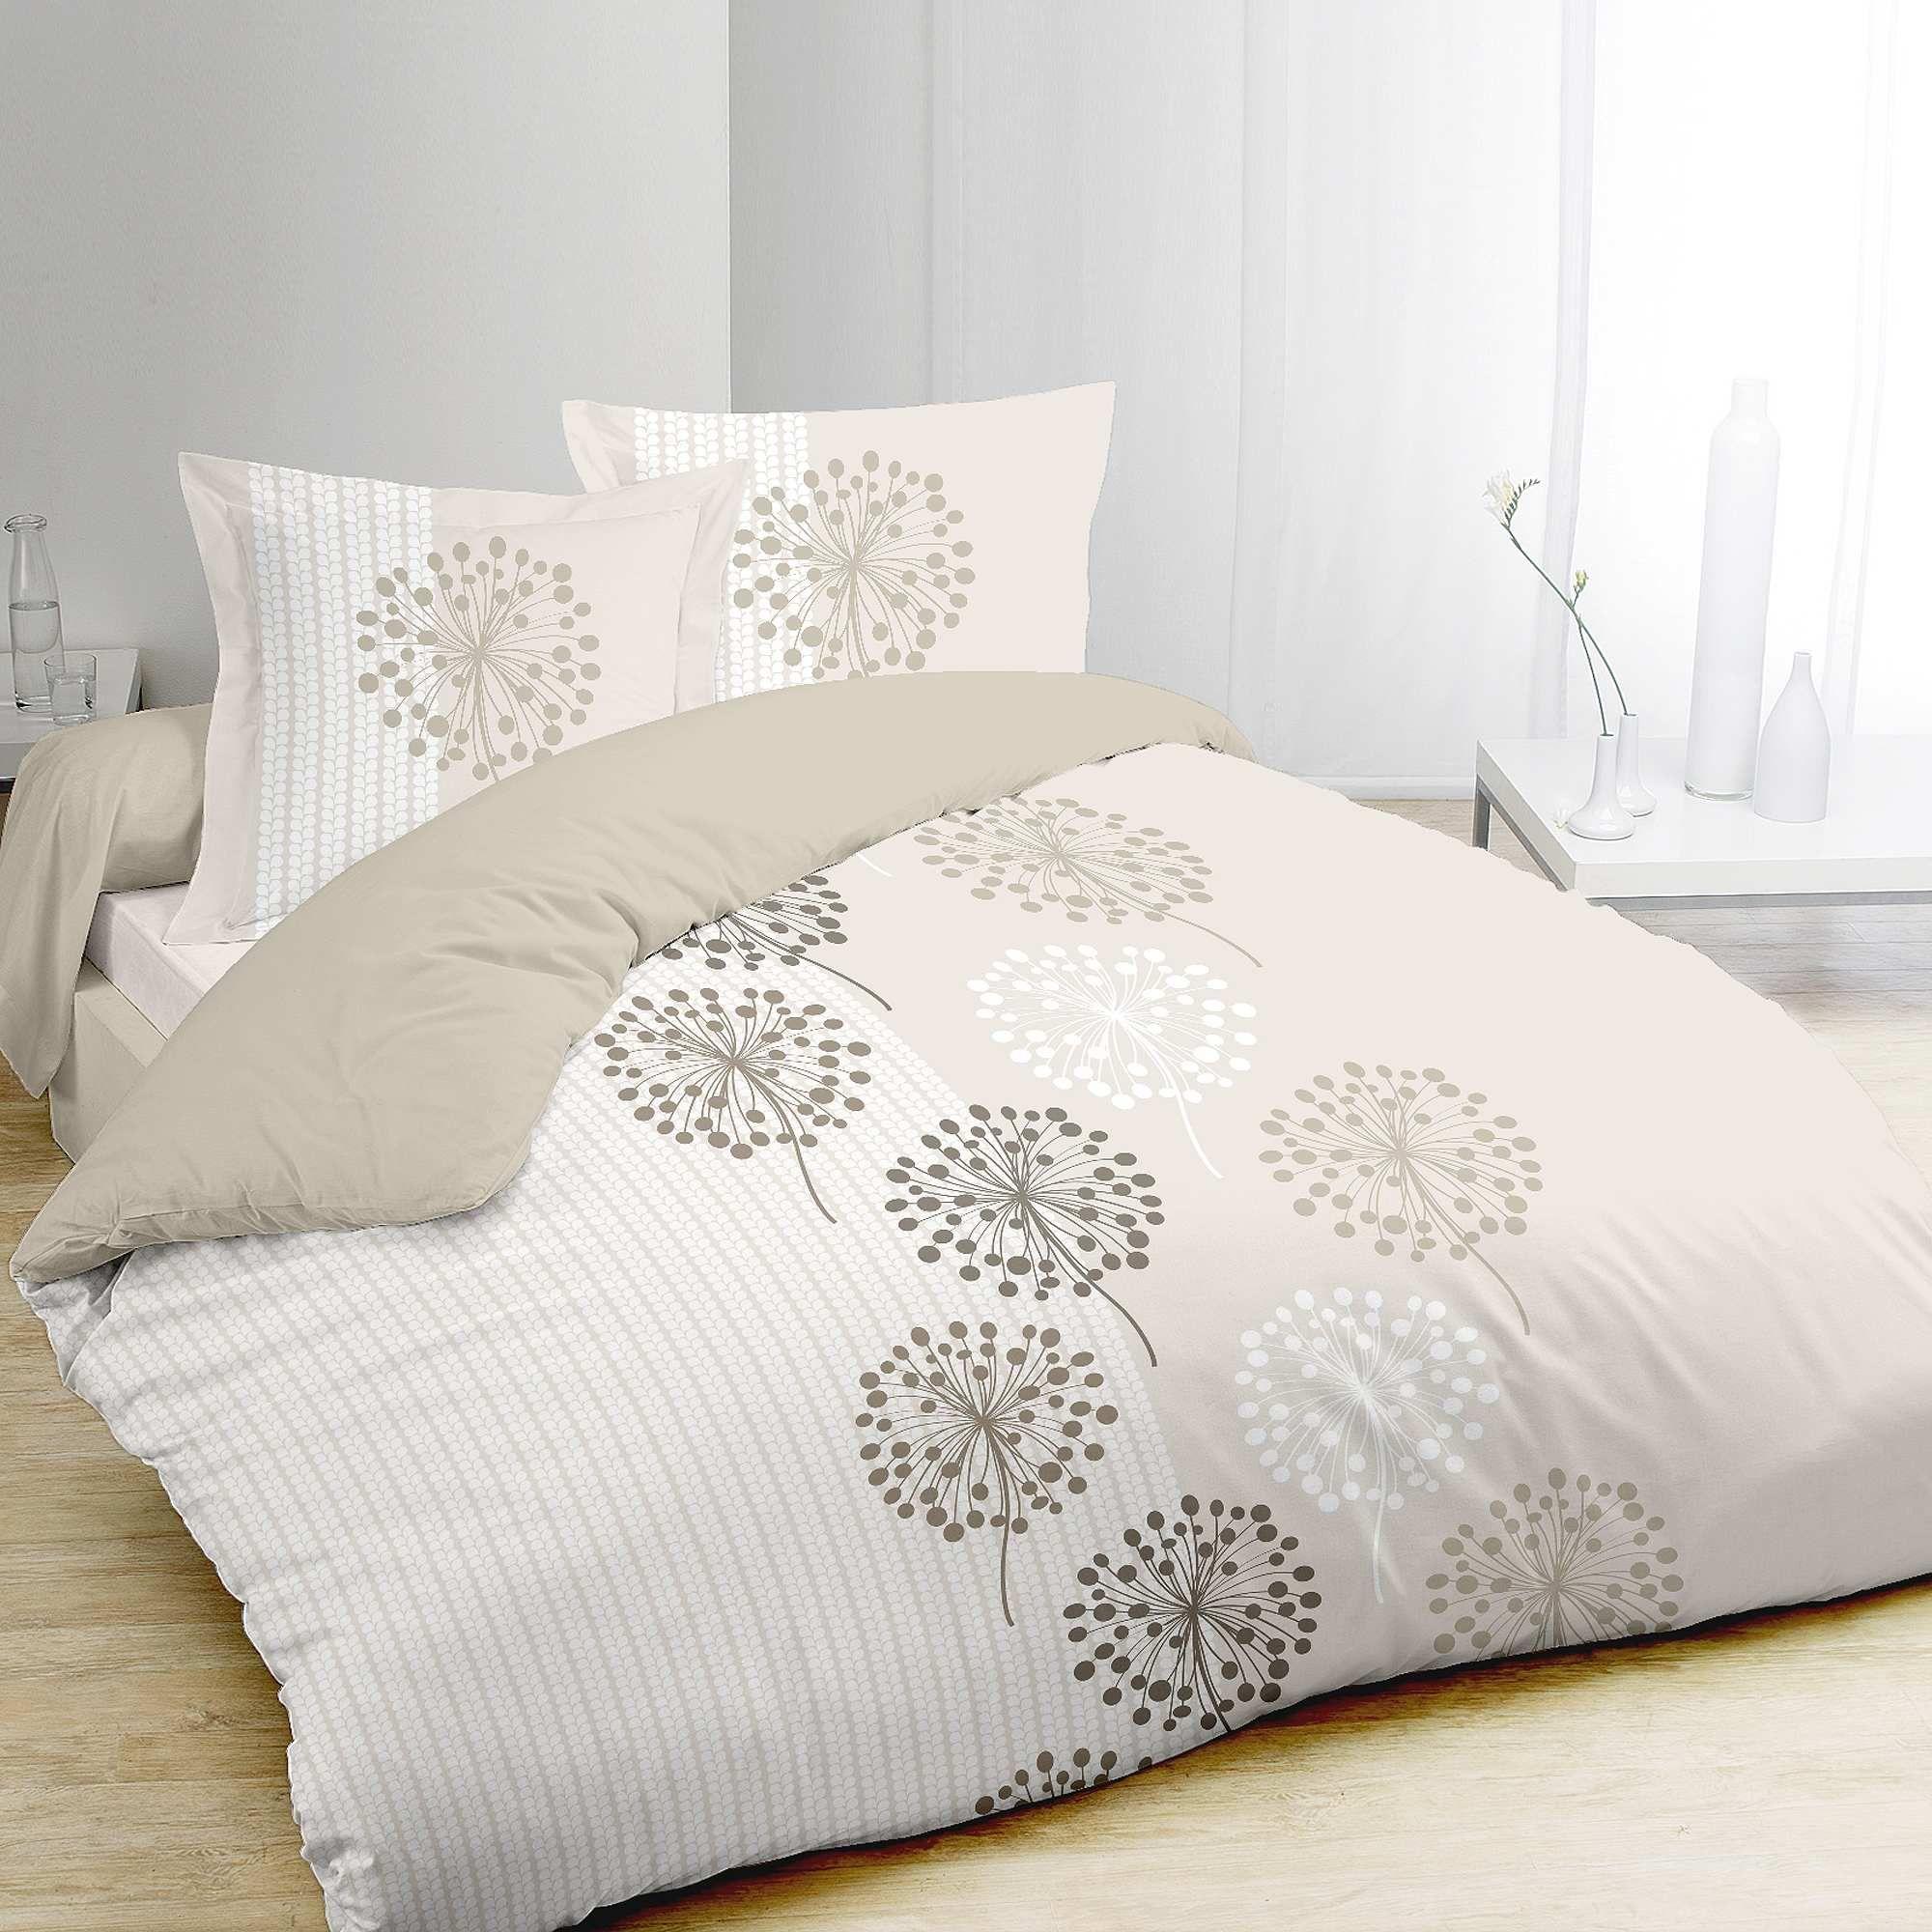 Dar d co vous propose plusieurs marques de linge de maison luxe pour le confort de votre maison for Linge de lit pour hotel de luxe